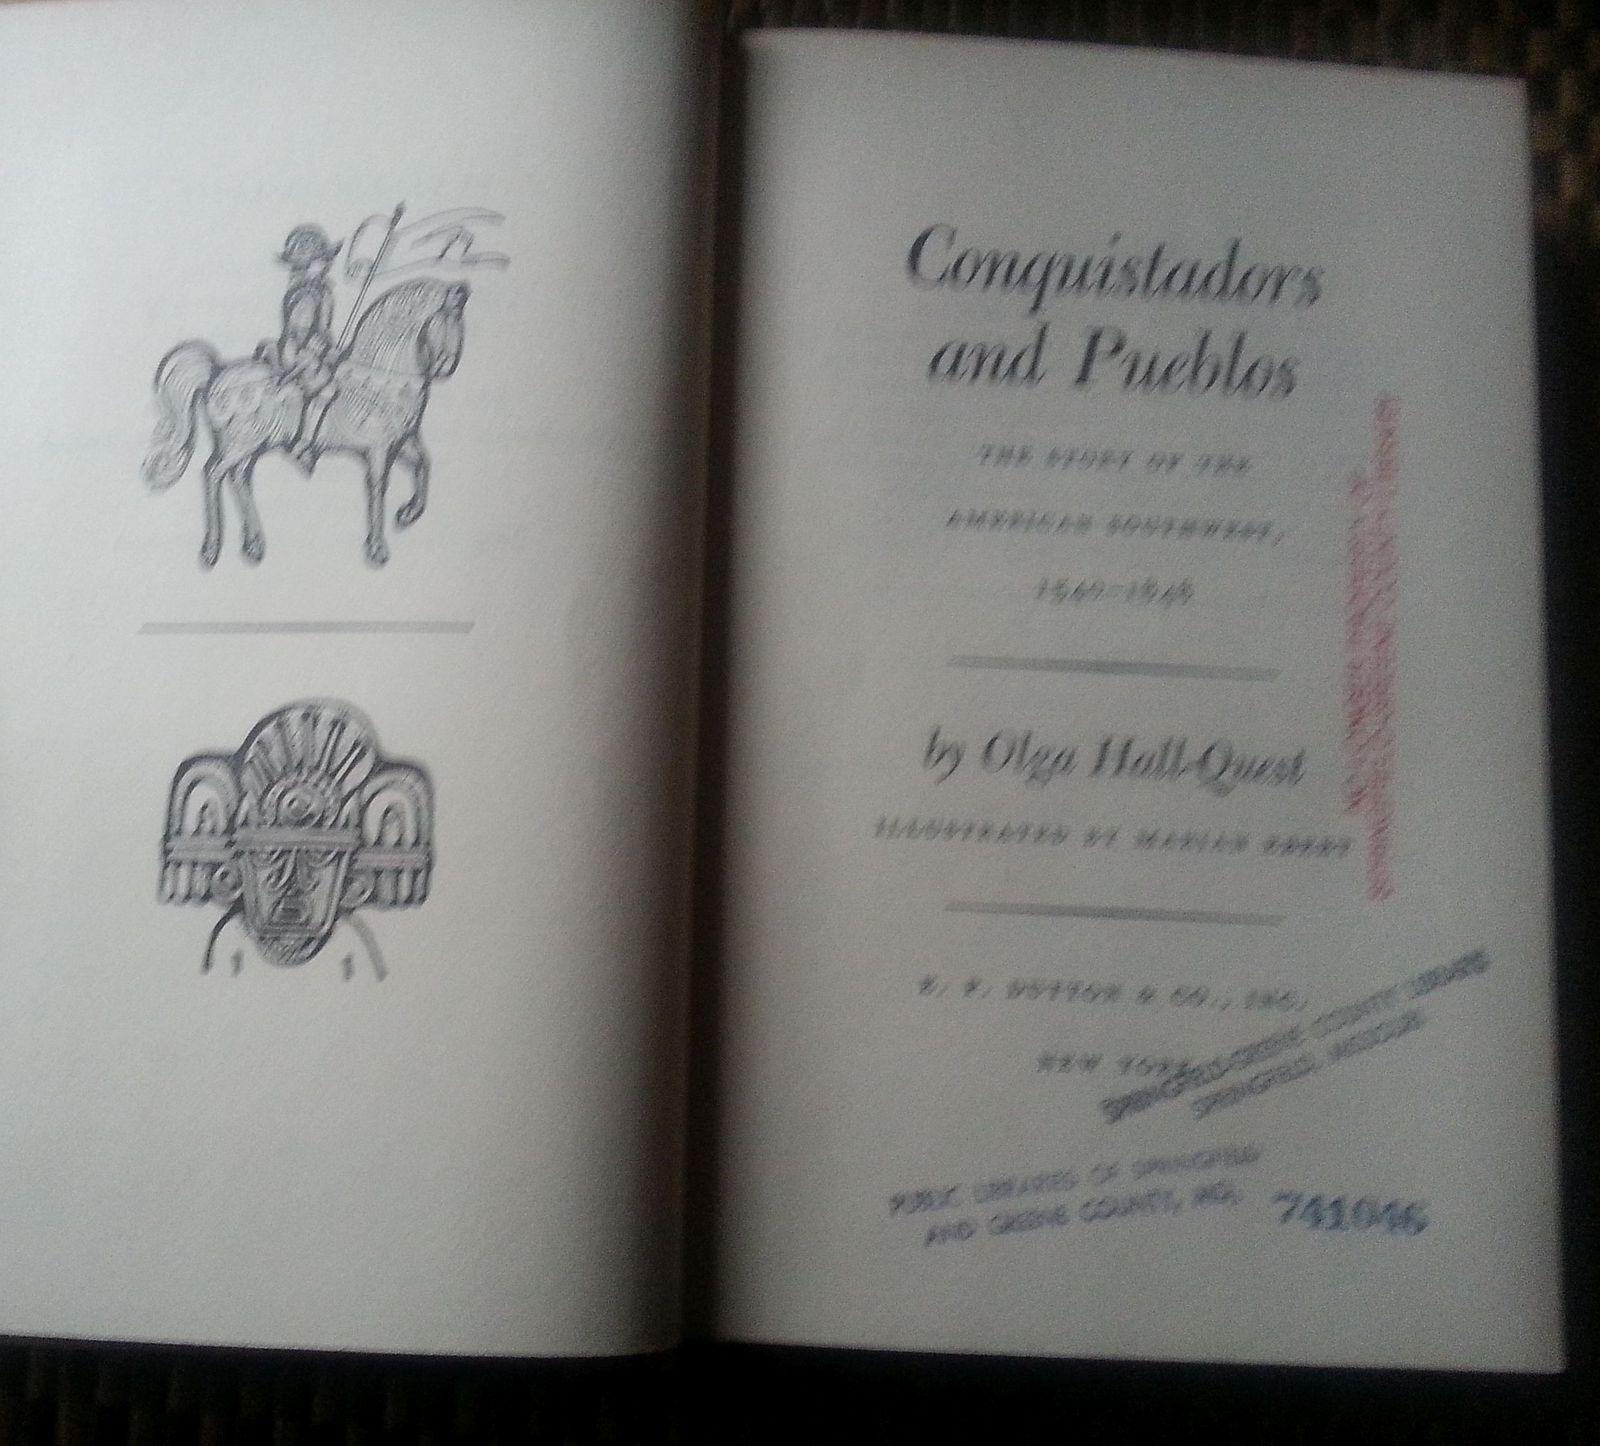 Conquistadors and Pueblos by Olga Hall-Smith 1969 HBDJ